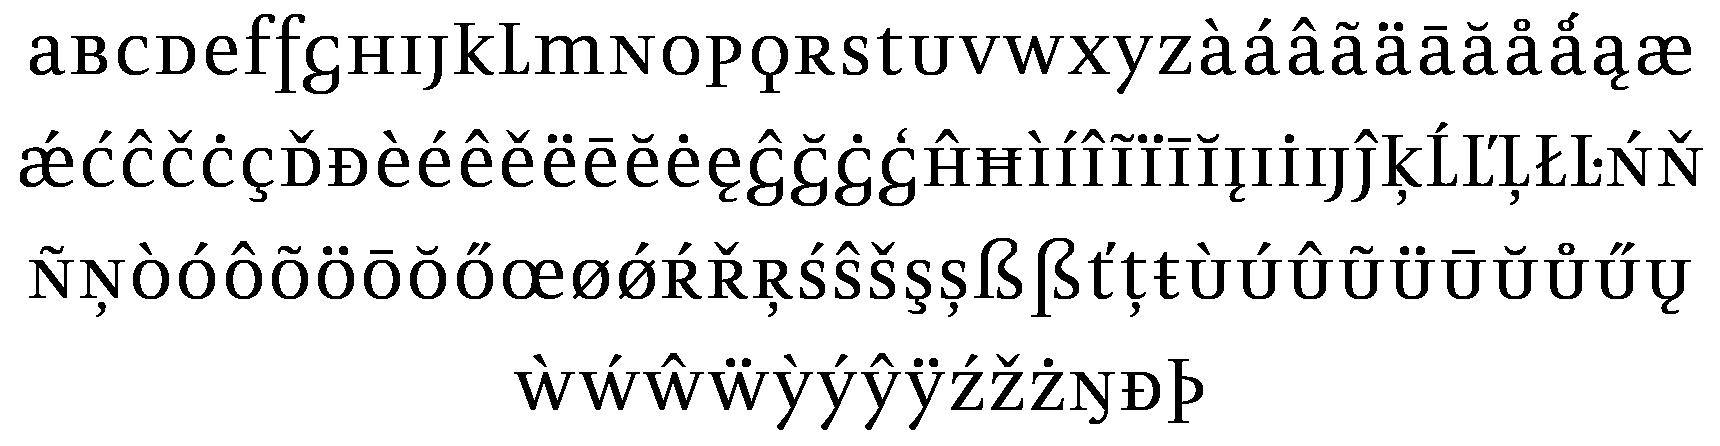 <p>Unicase</p> glyphs